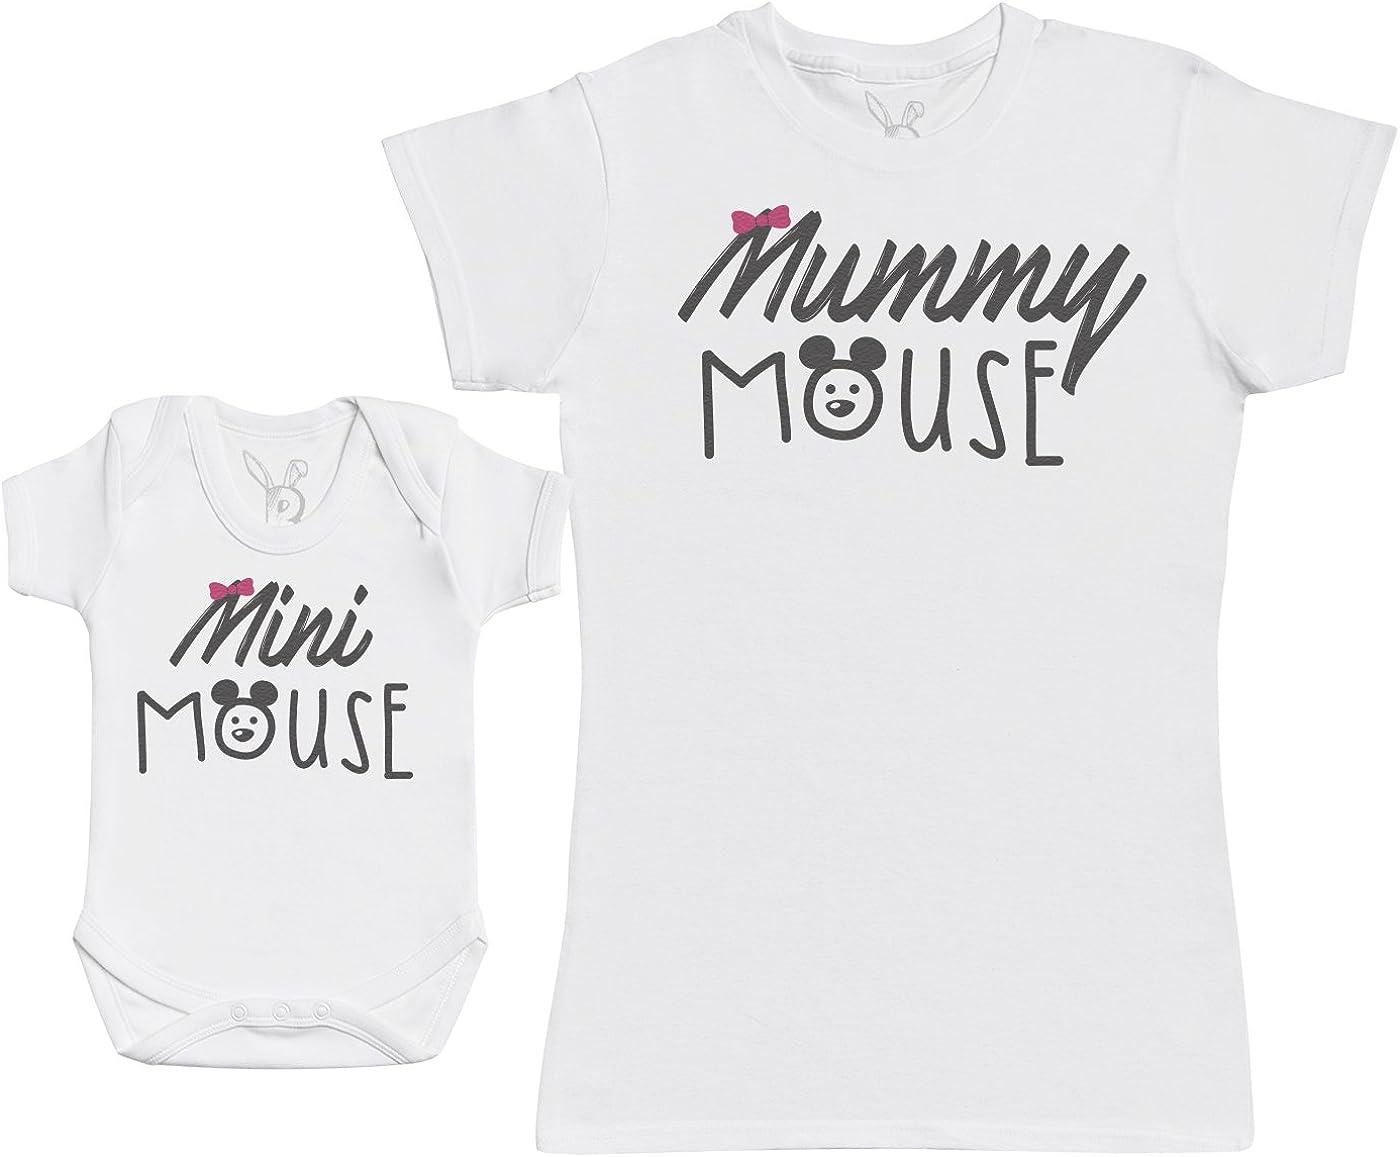 xinjinmaoyi Long Sleeve /& Trousers Designer Baby Onesies Romper 0-3 Months for Newborn Infant Onesie